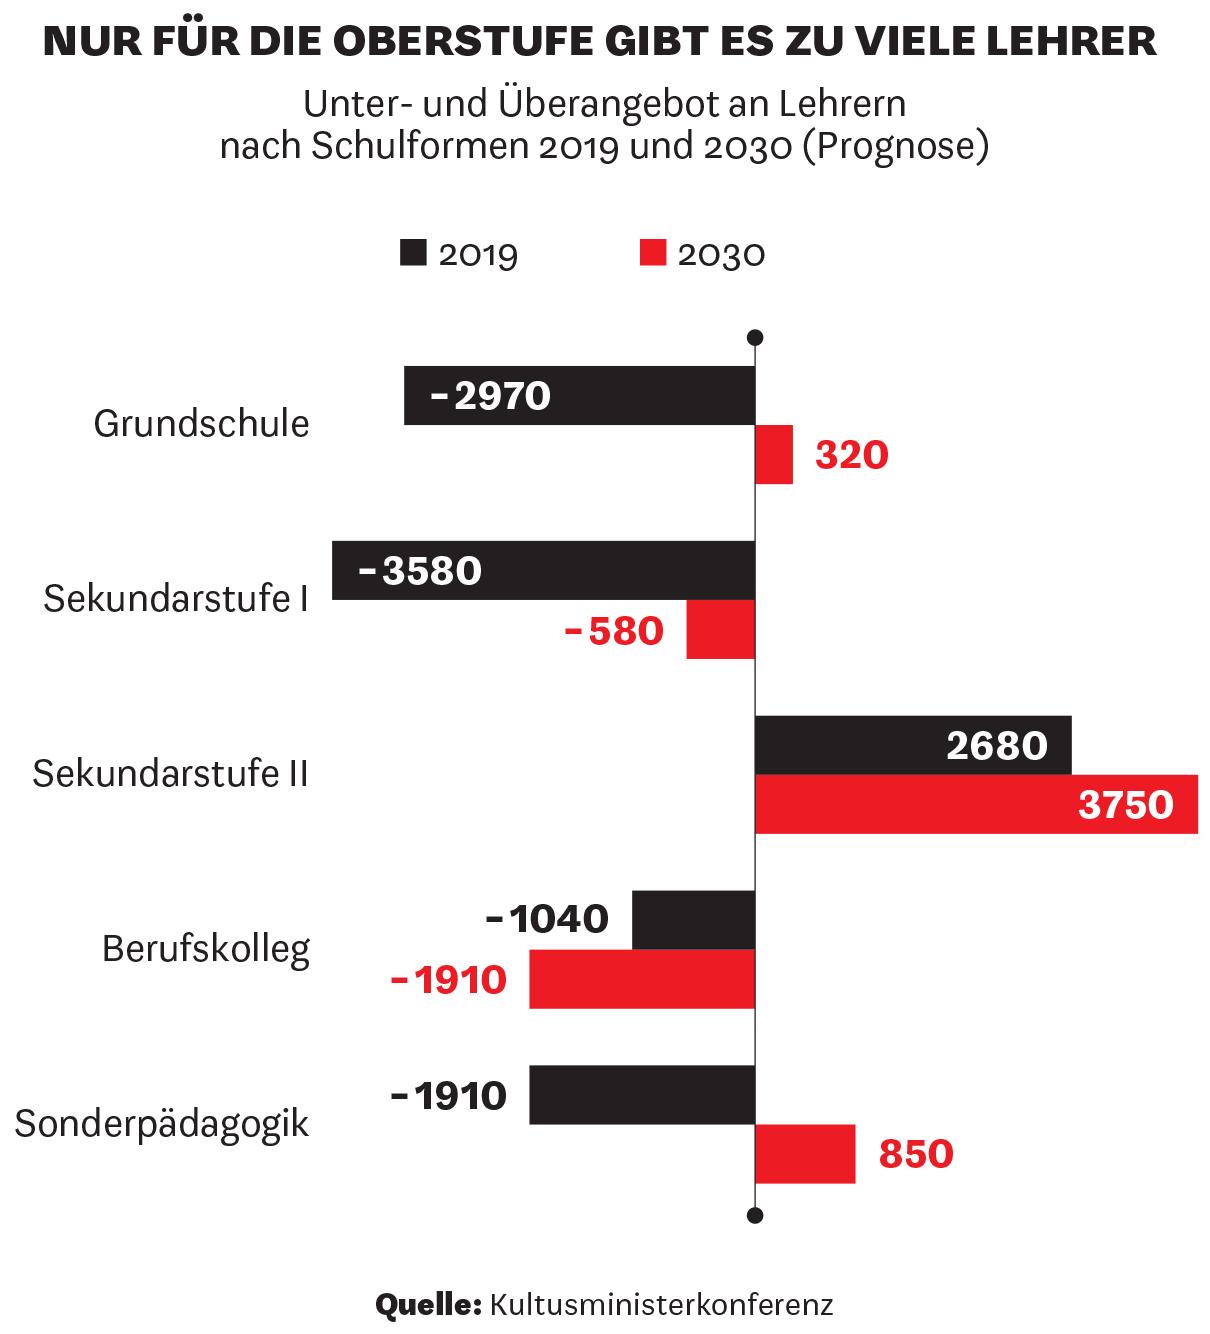 Unter- und Überangebot an Lehrernnach Schulformen 2019 und 2030